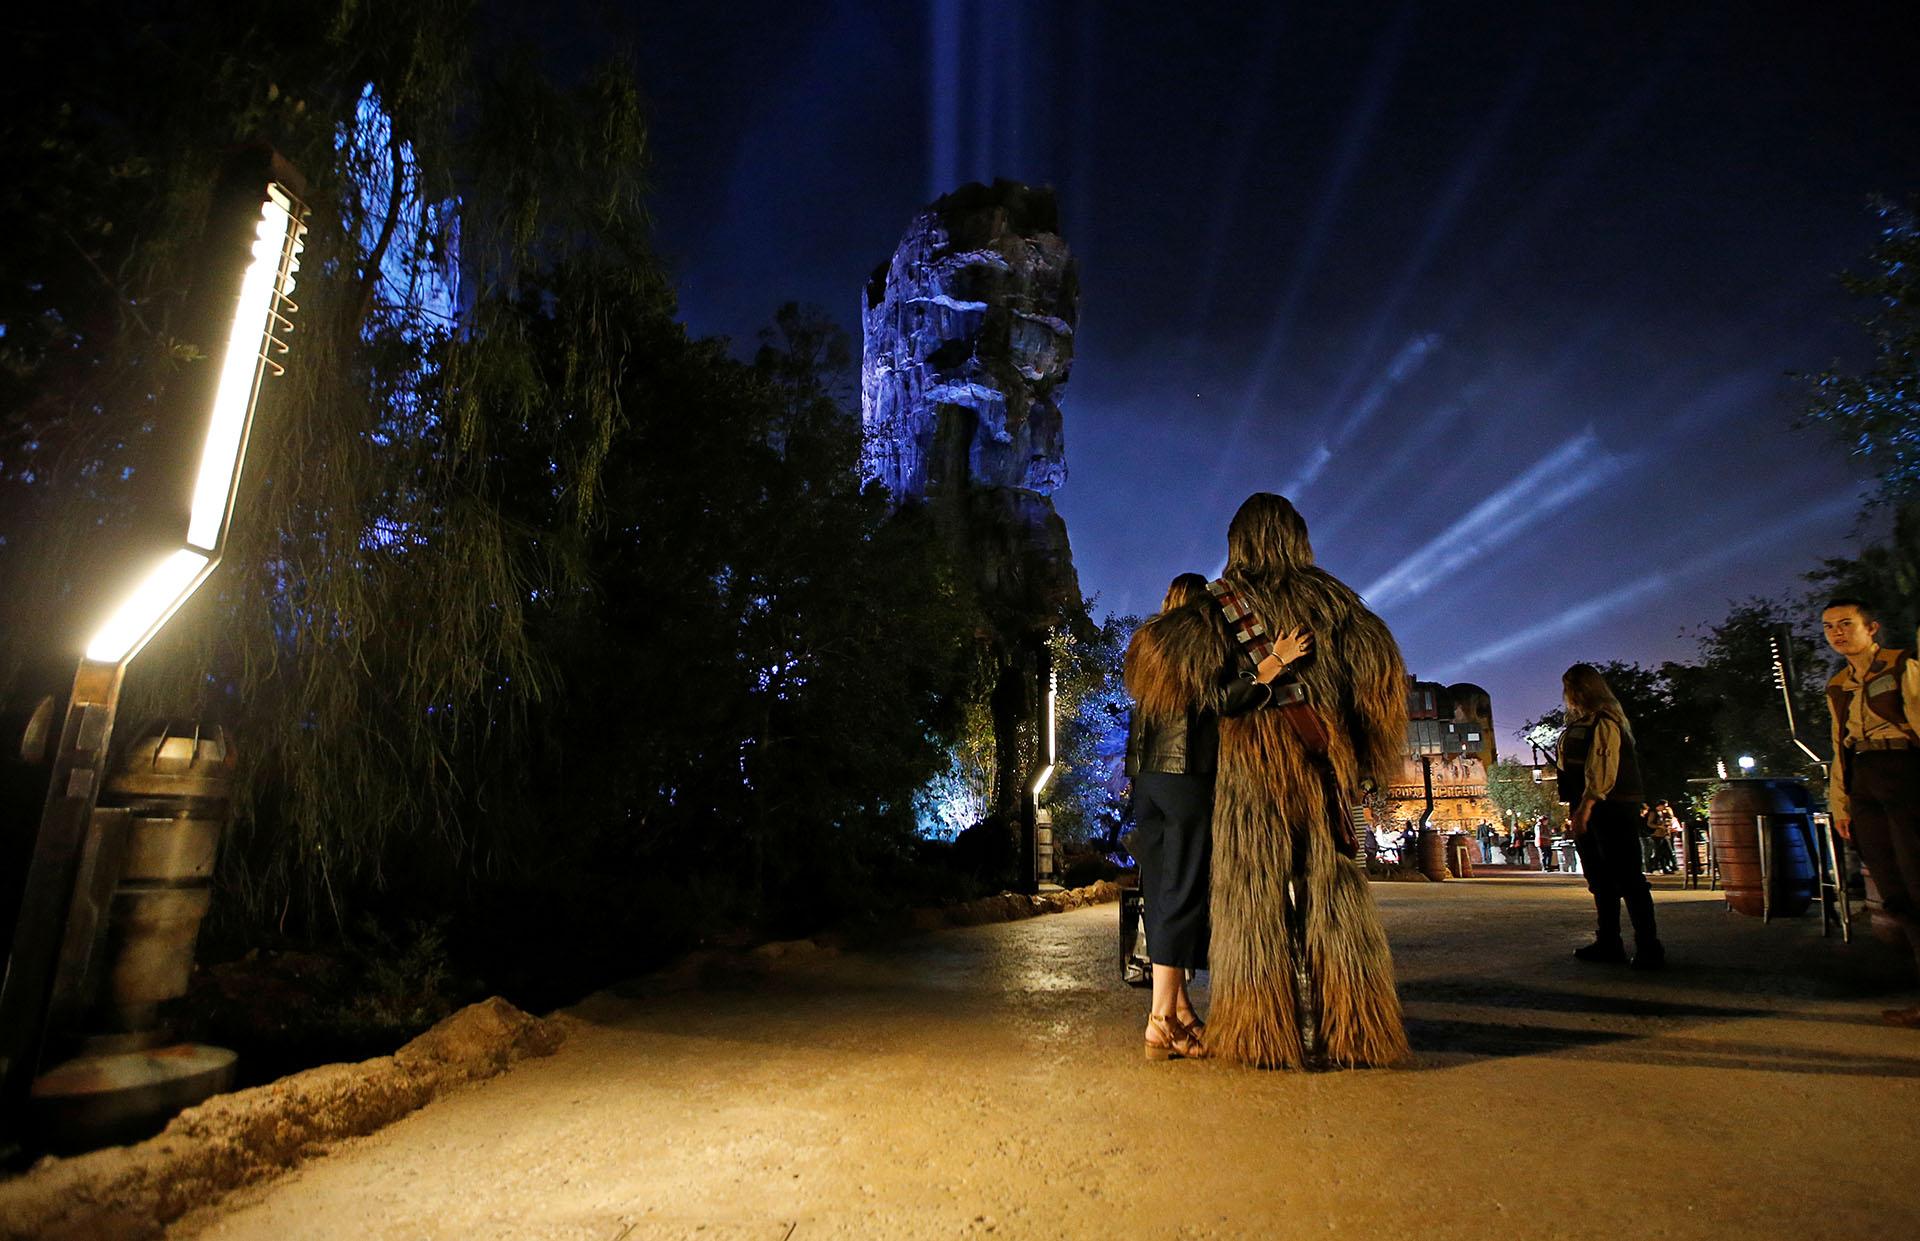 Los invitados se toman fotos con un miembro del personal vestido como el personaje de Chewbacca